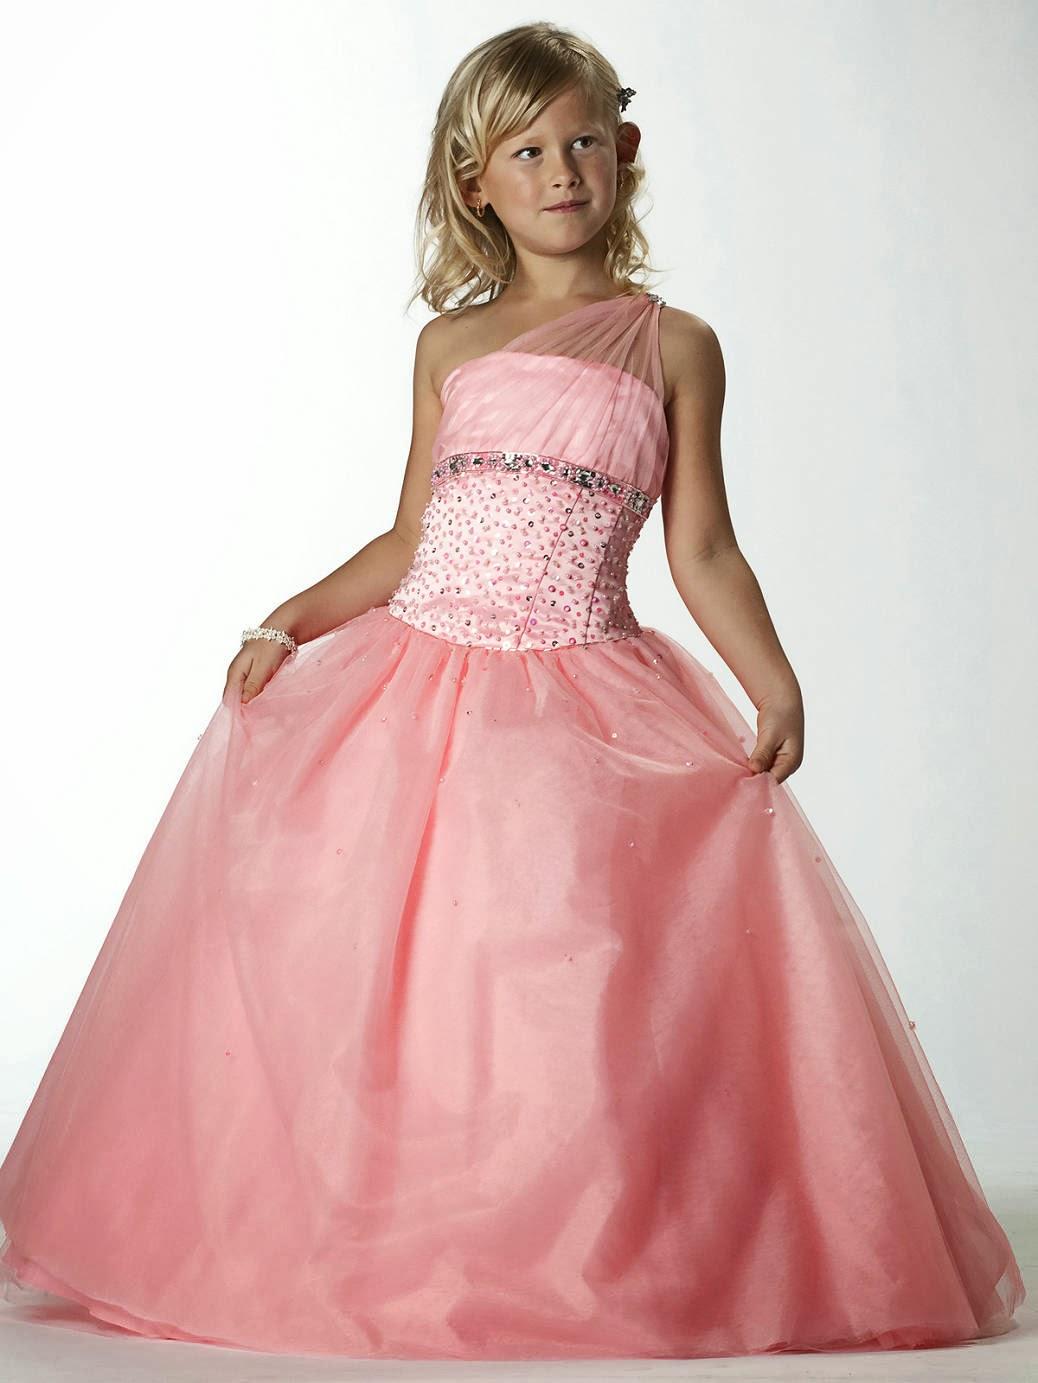 Excepcional La última De Vestidos De Fiesta Para Niñas Patrón ...